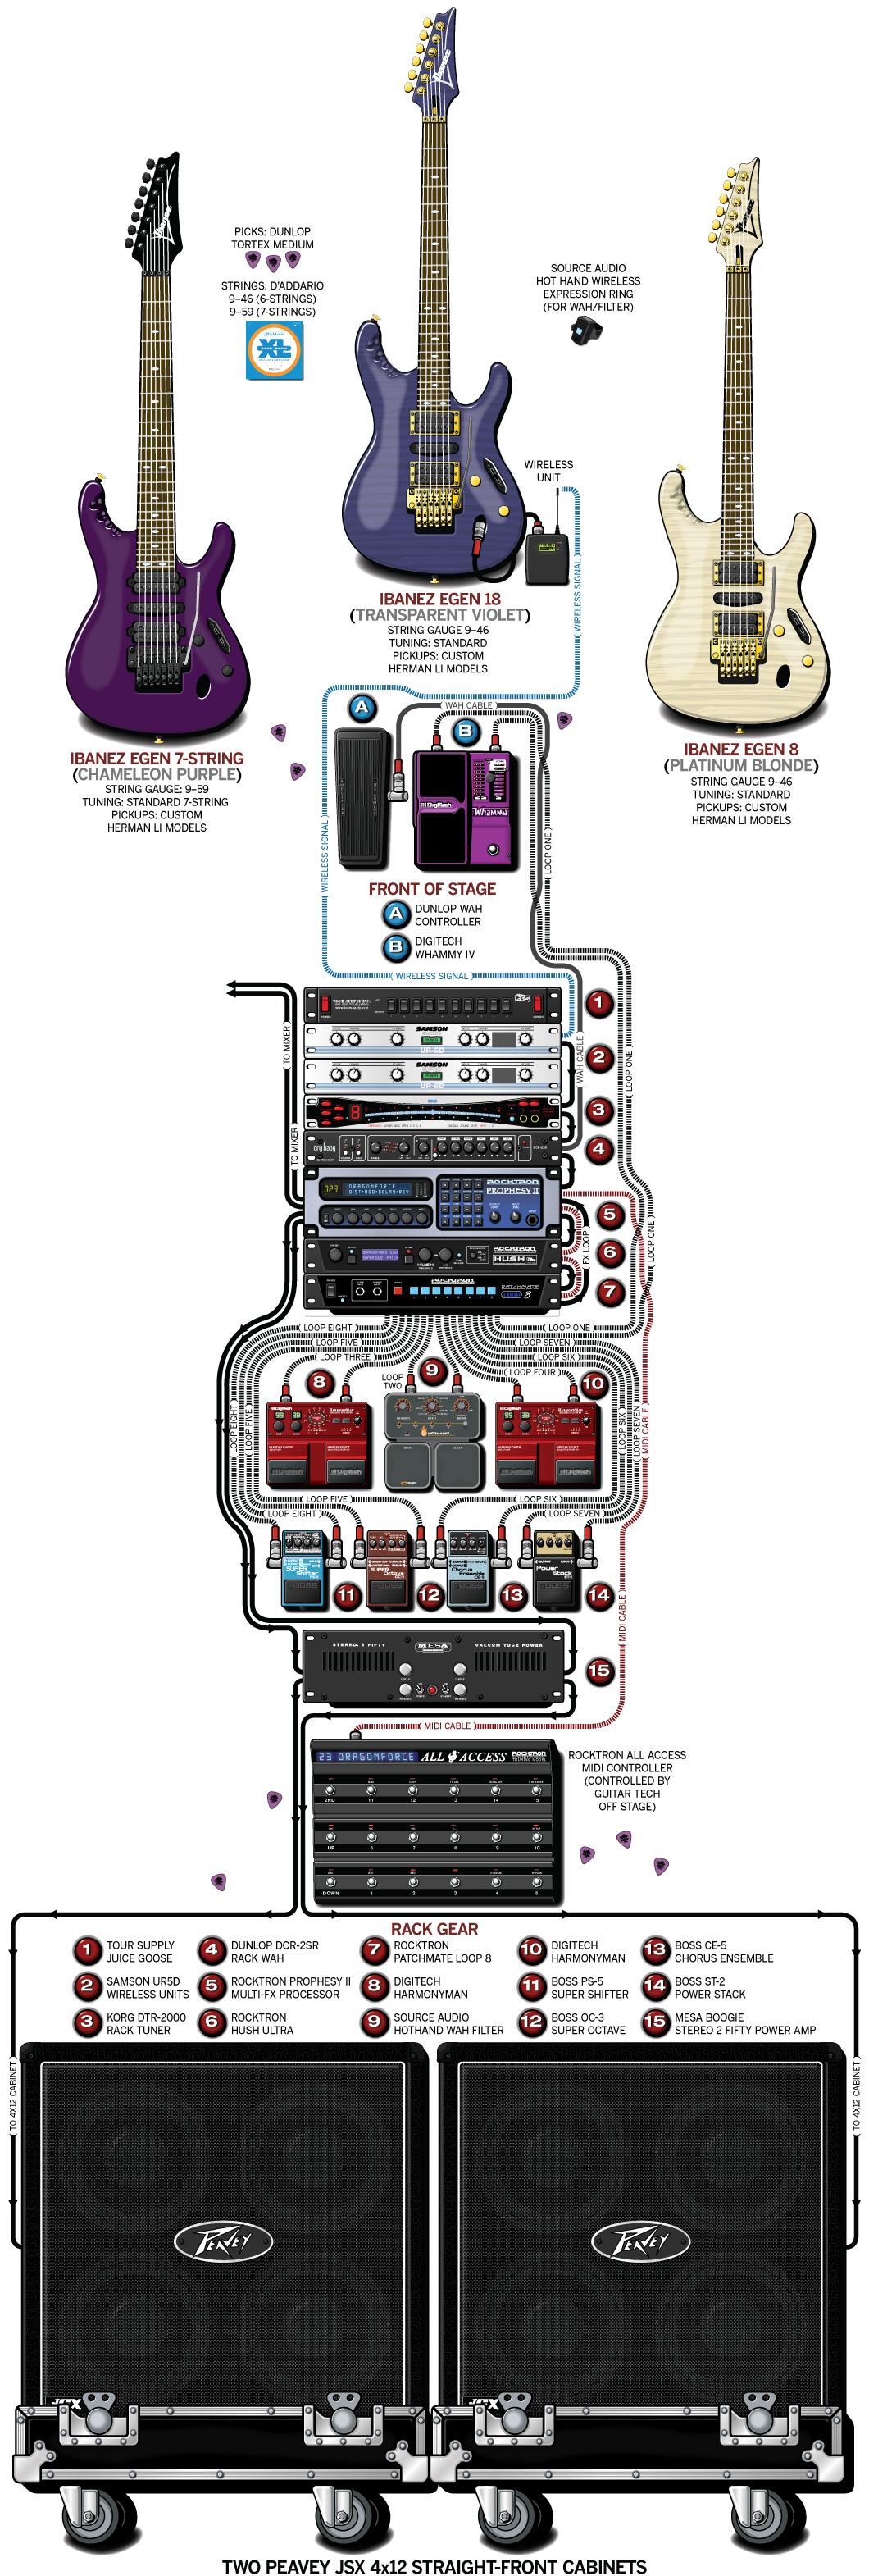 Ibanez Egen18 Wiring Diagram : Herman li equipboard